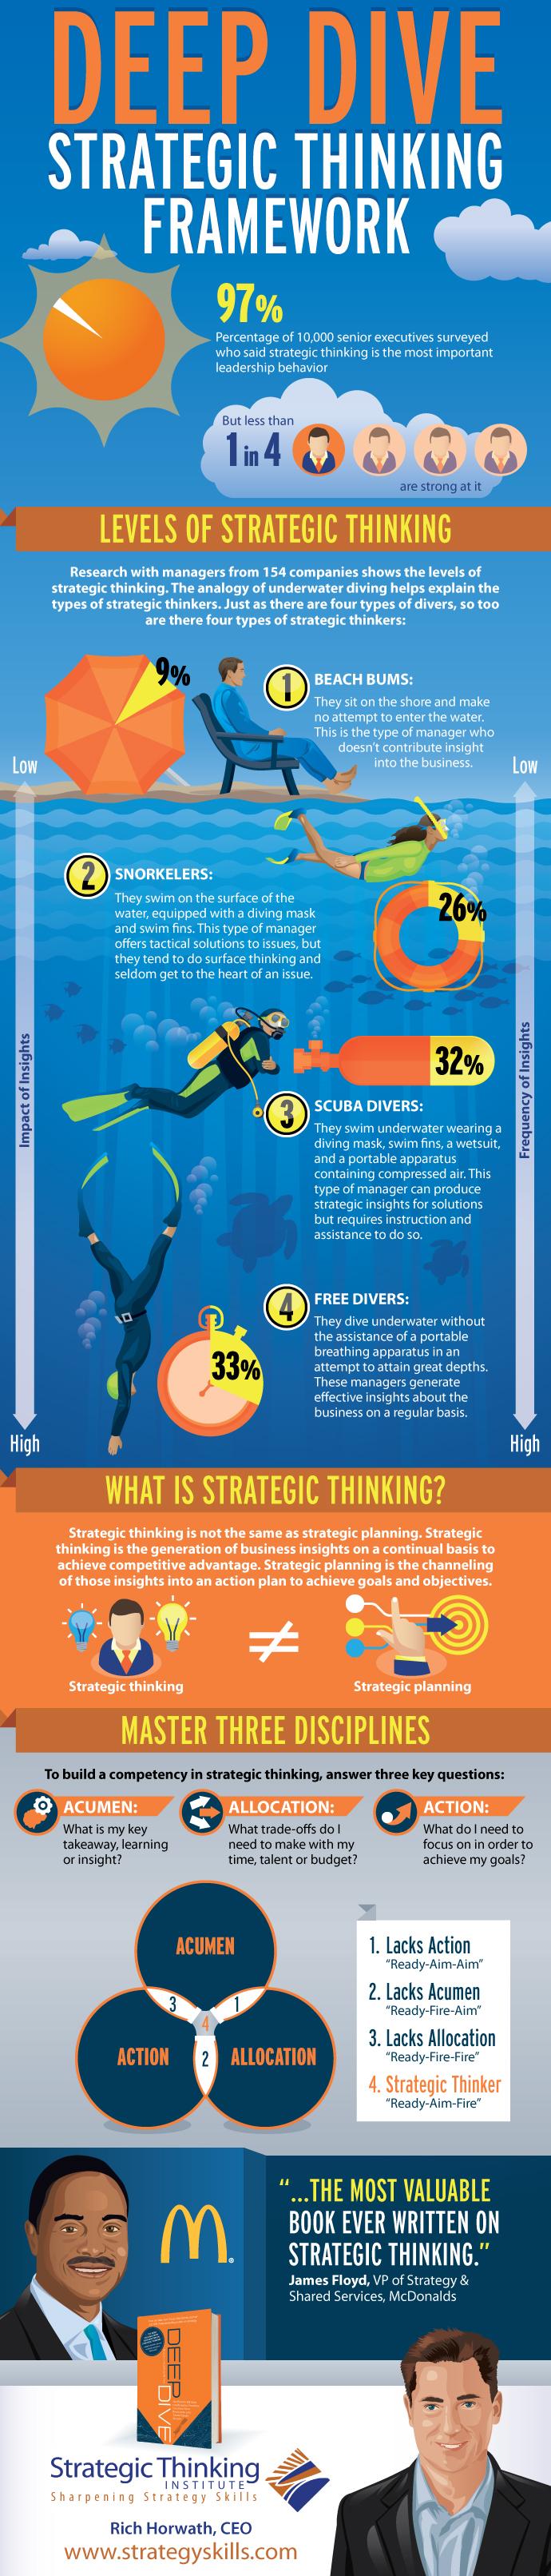 Deep Dive Framework